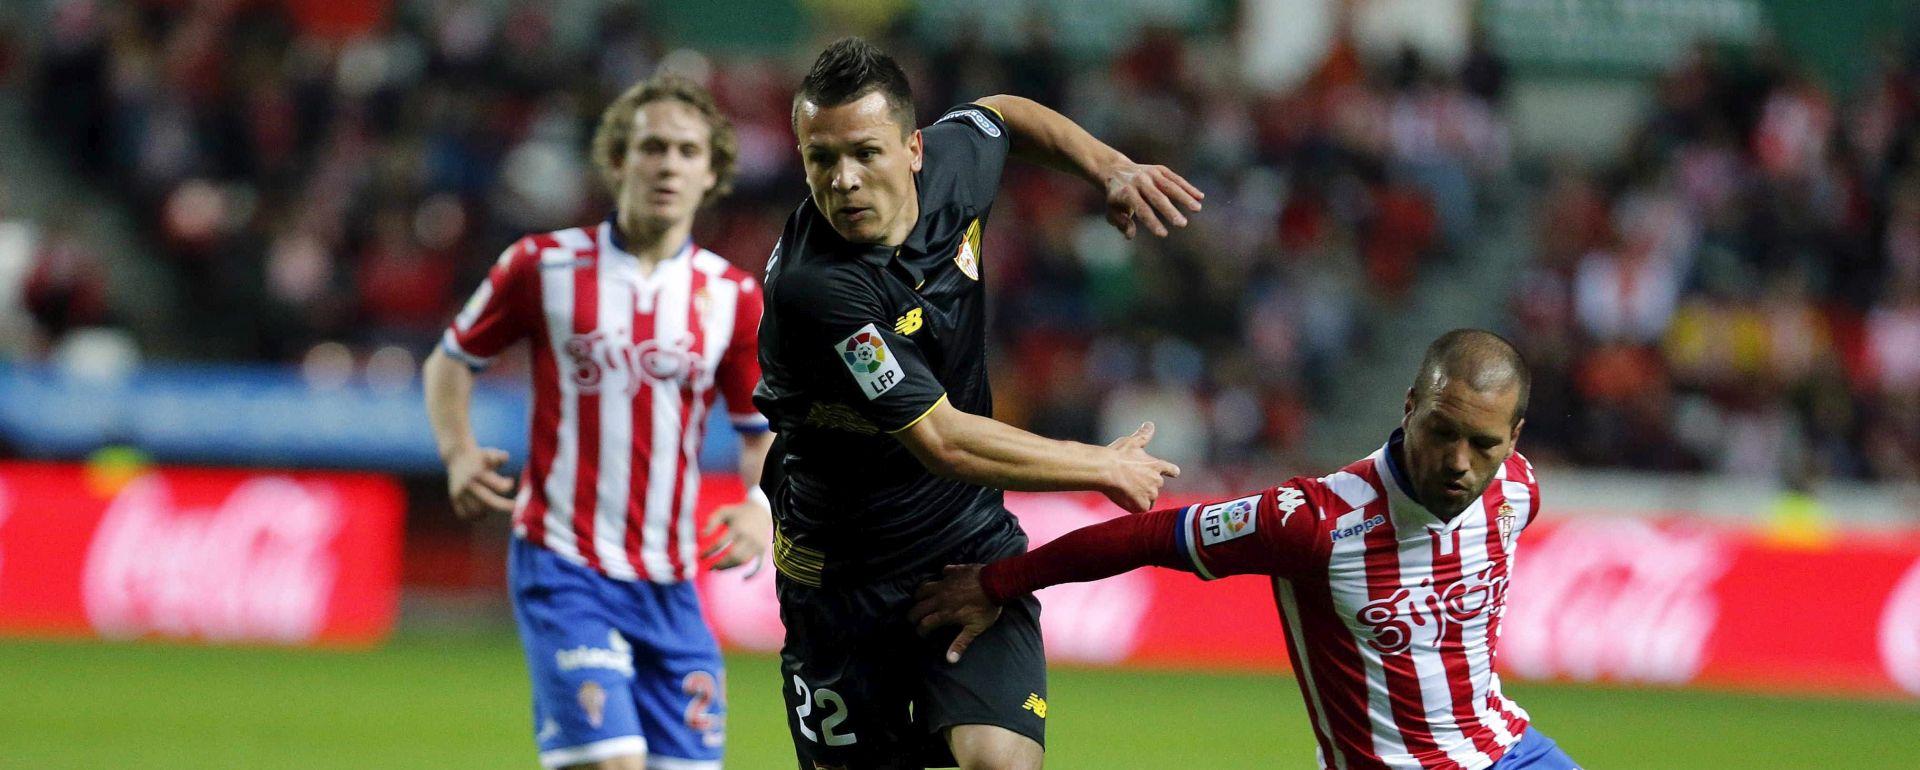 Halilović: U Barceloni ćemo dati sve od sebe